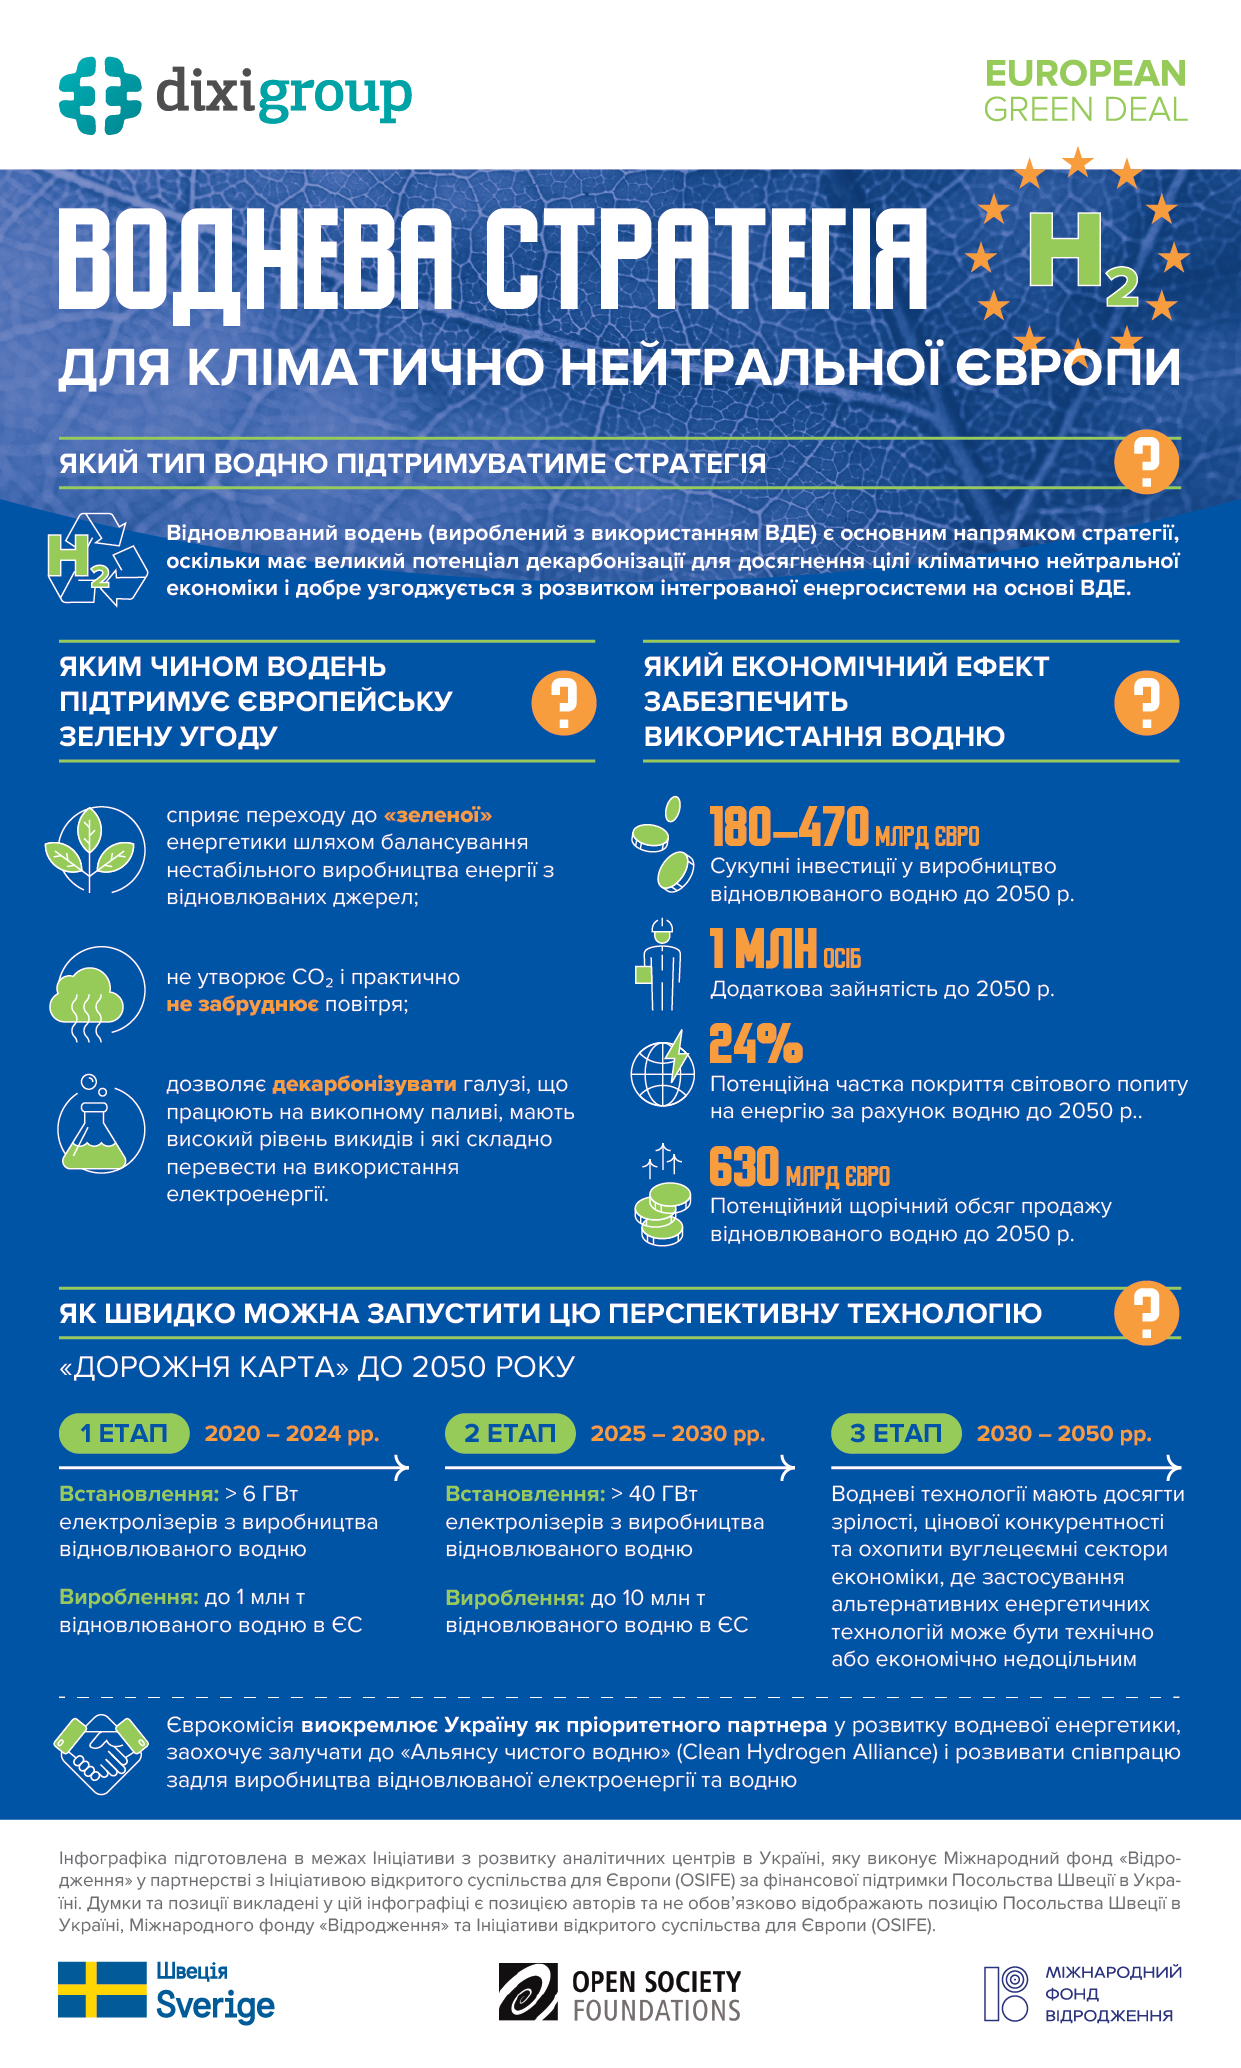 Воднева стратегія ЄС – інфографіка від DiXi Group